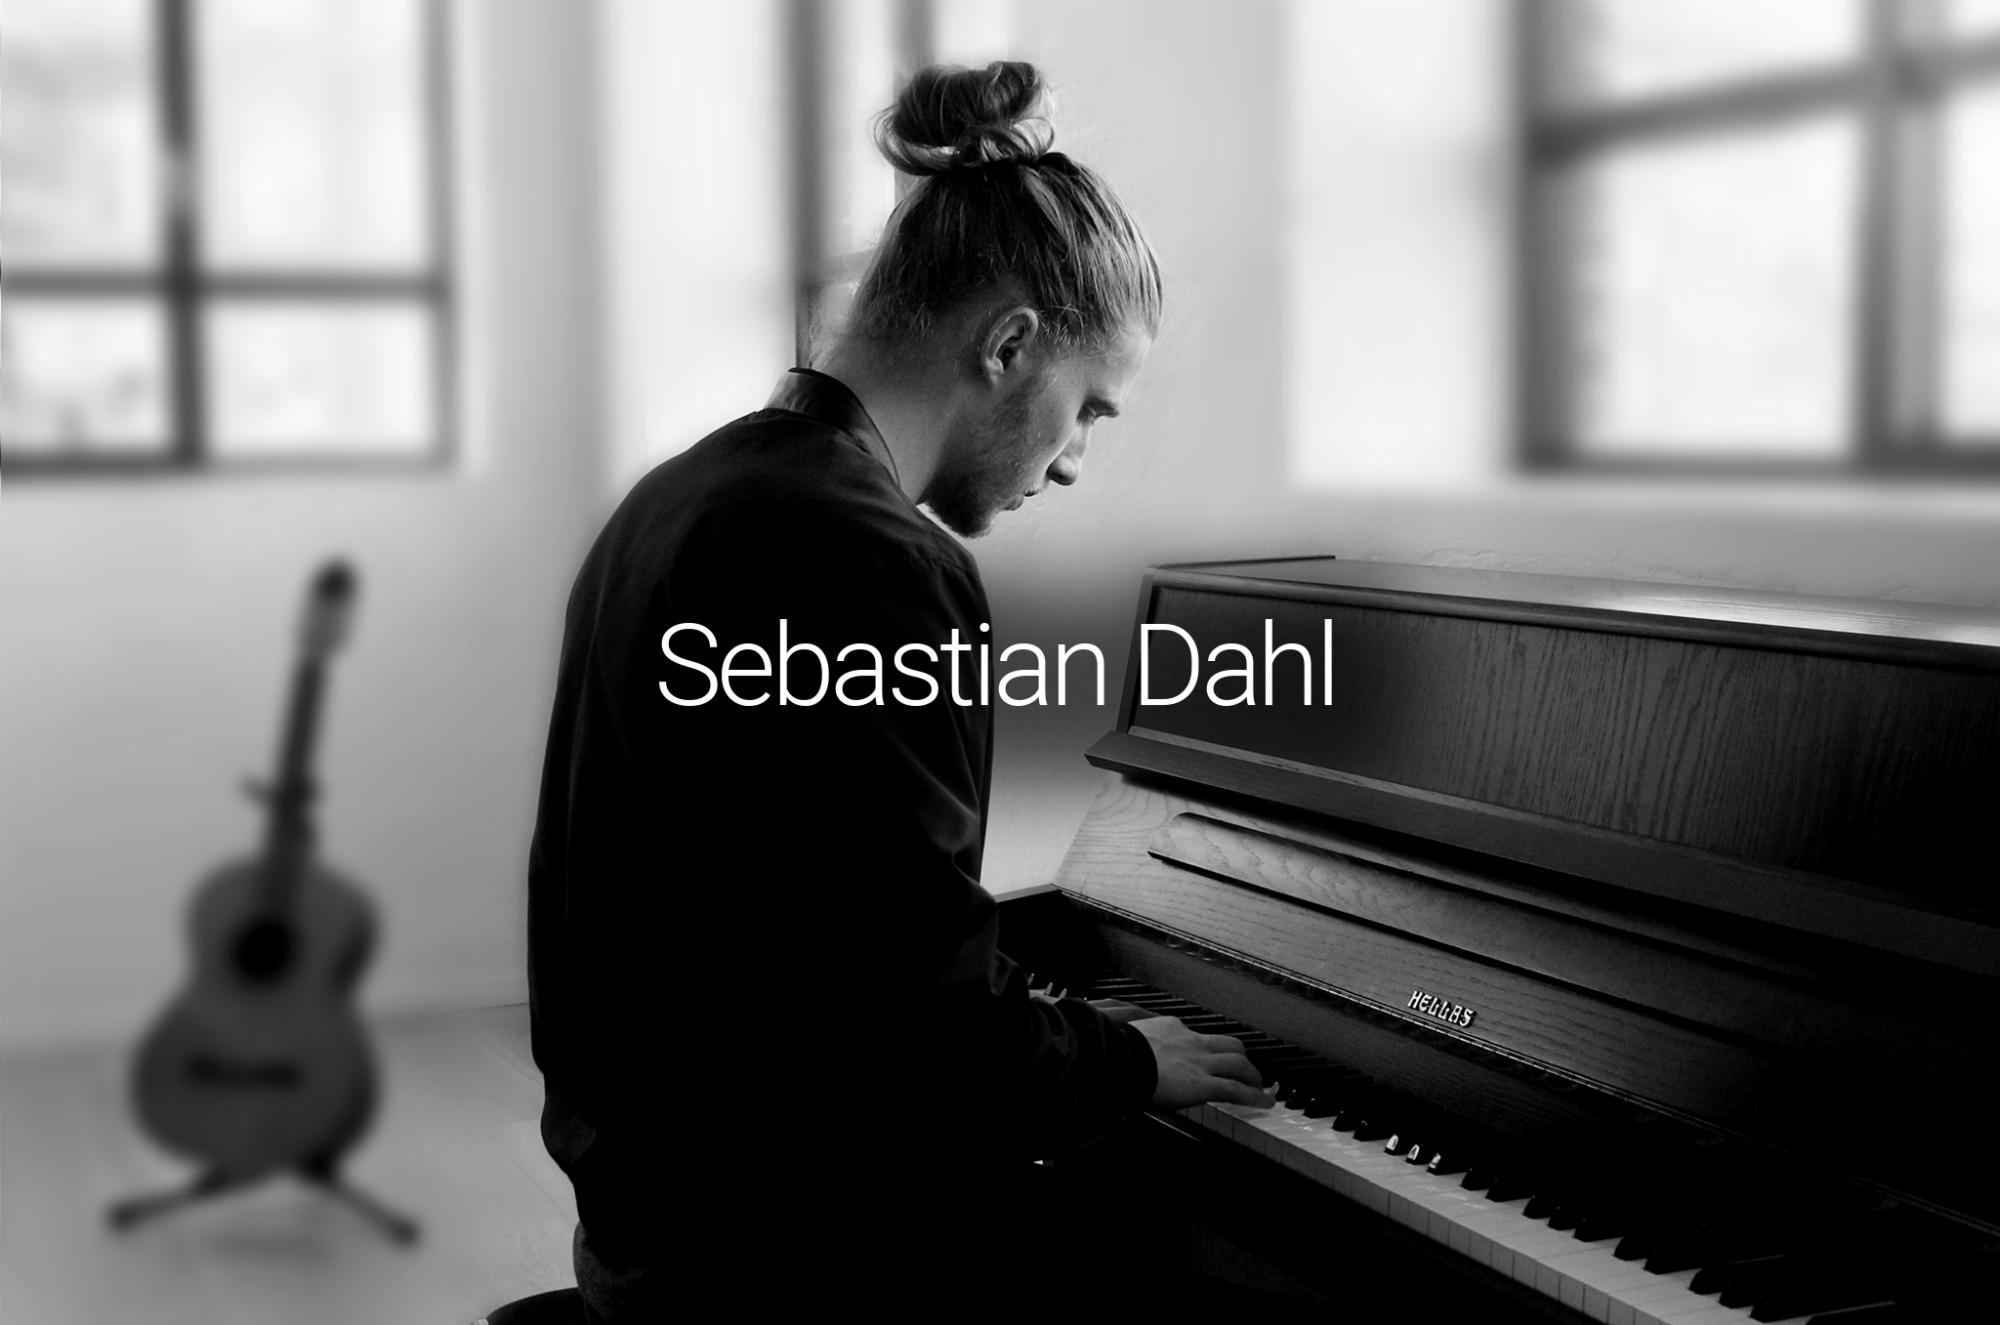 Sebastian Dahl